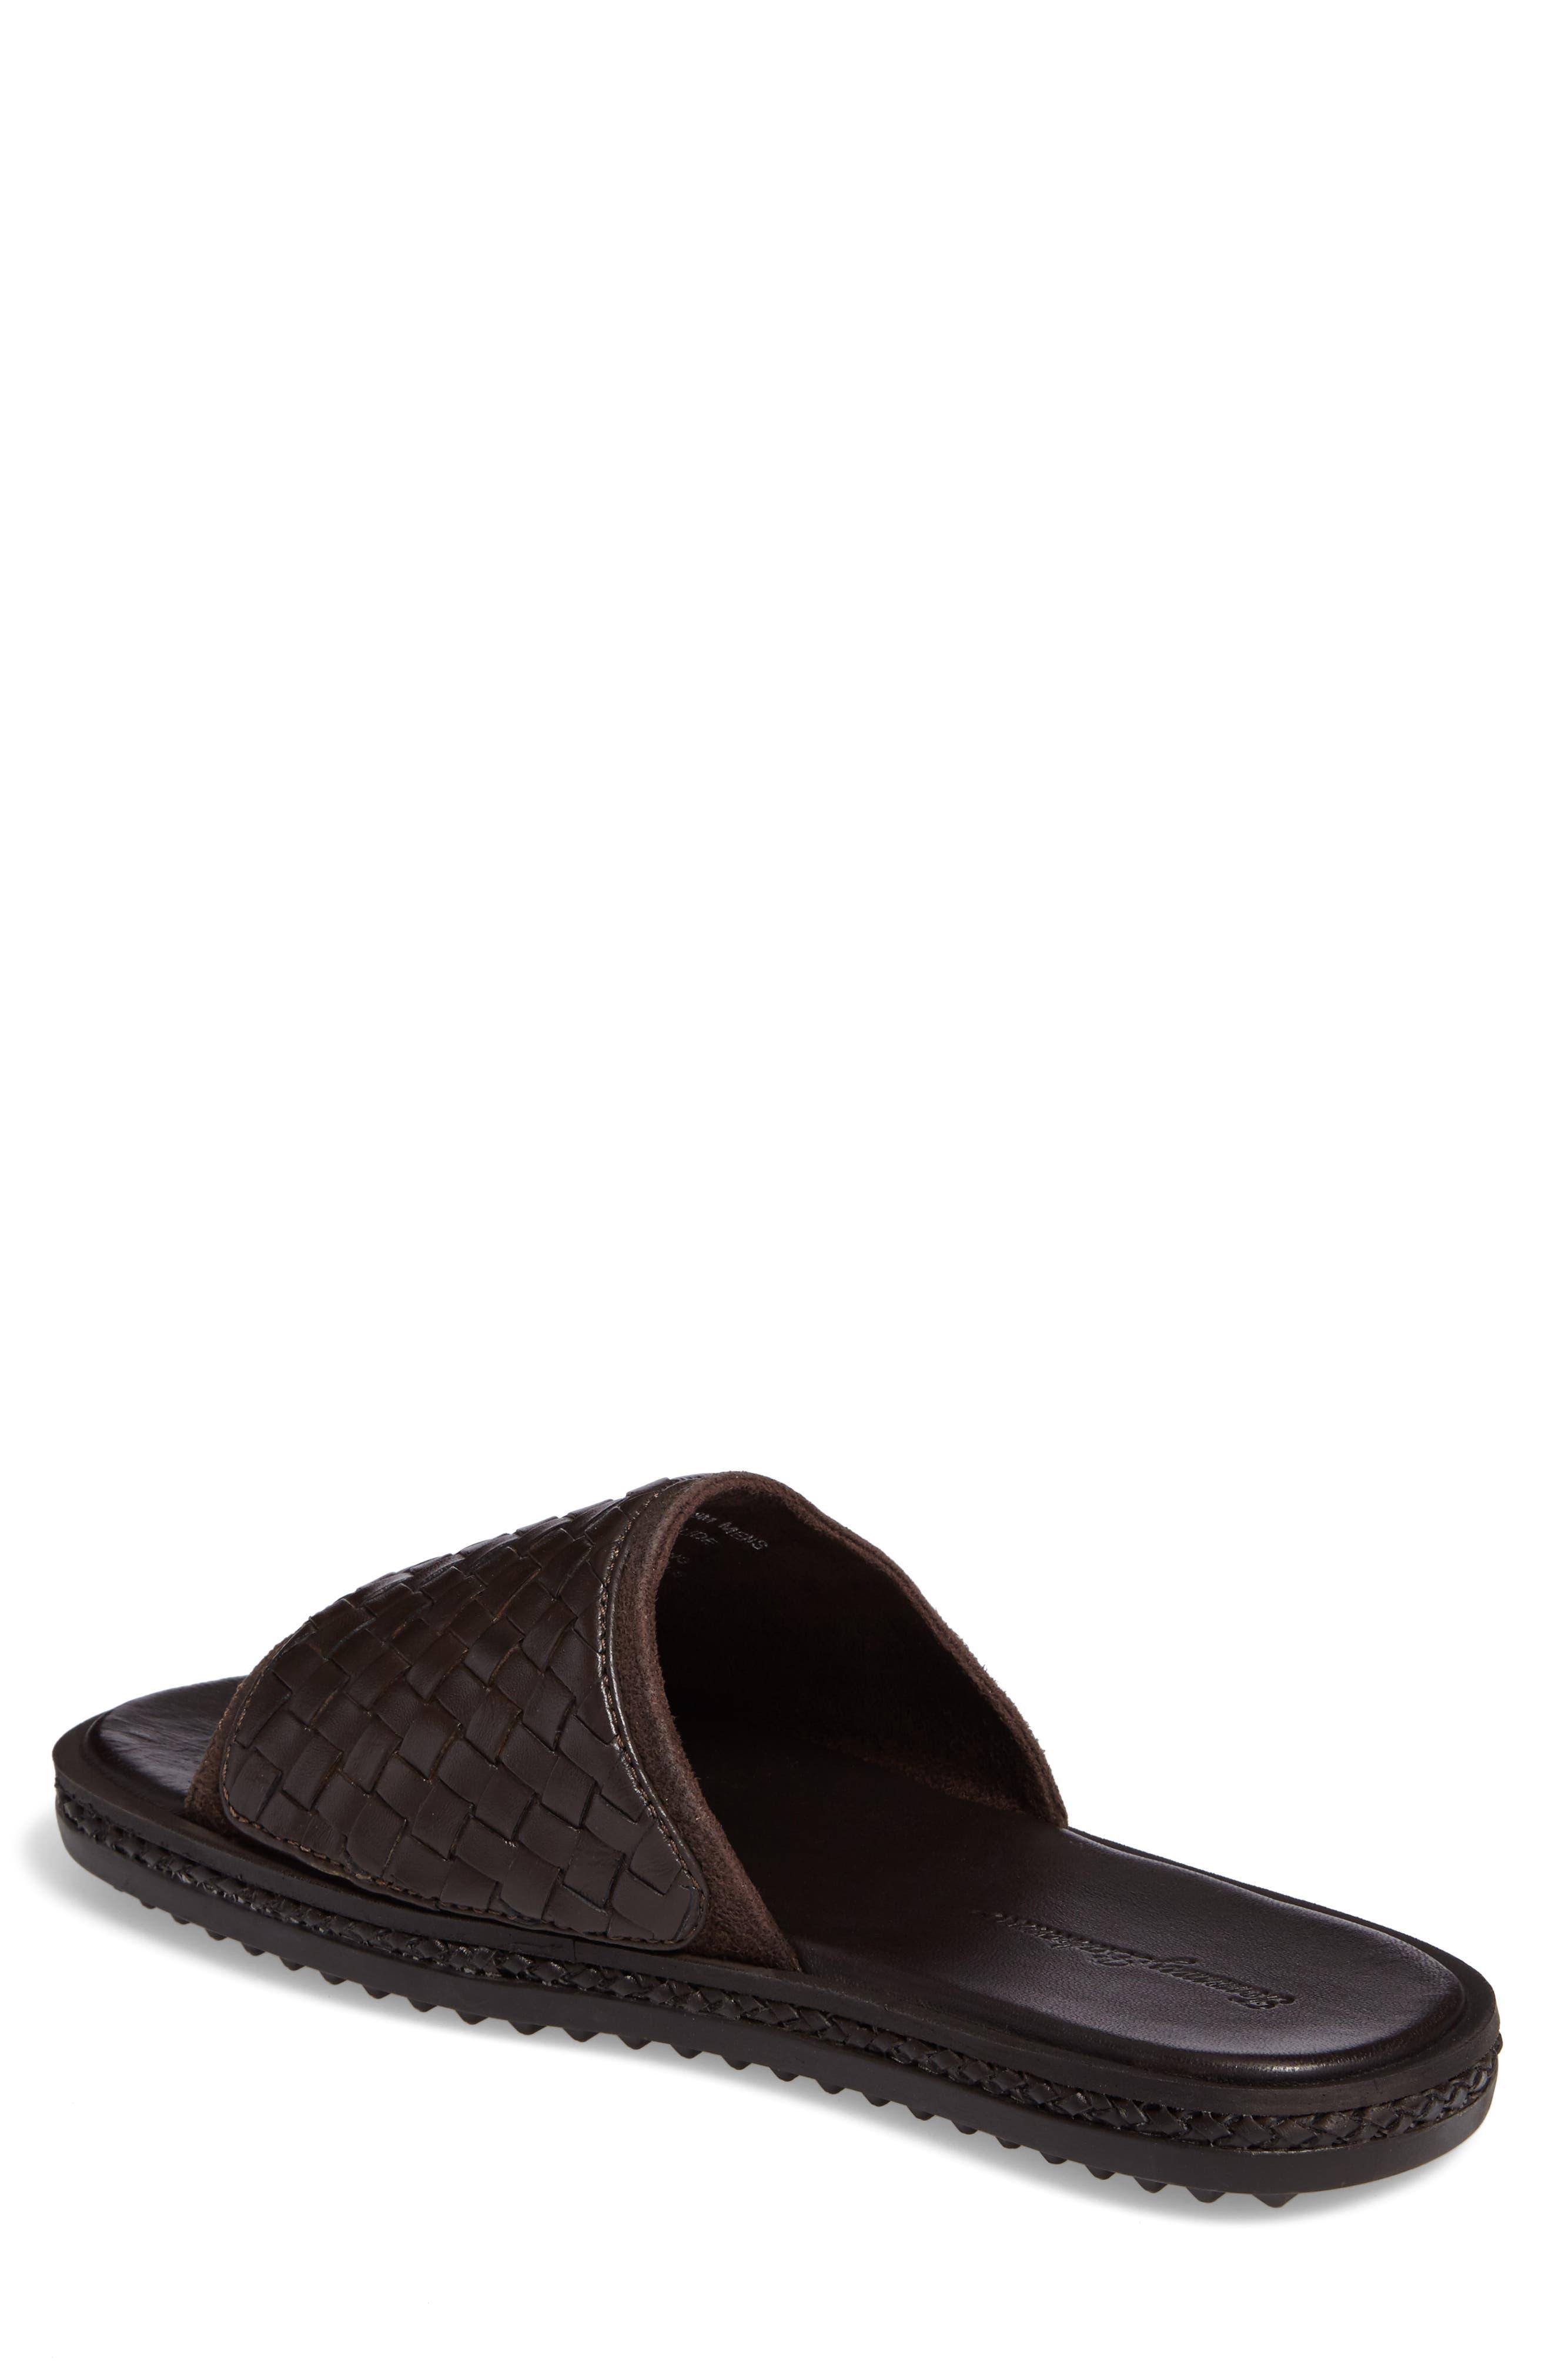 Shore Crest Woven Slide Sandal,                             Alternate thumbnail 4, color,